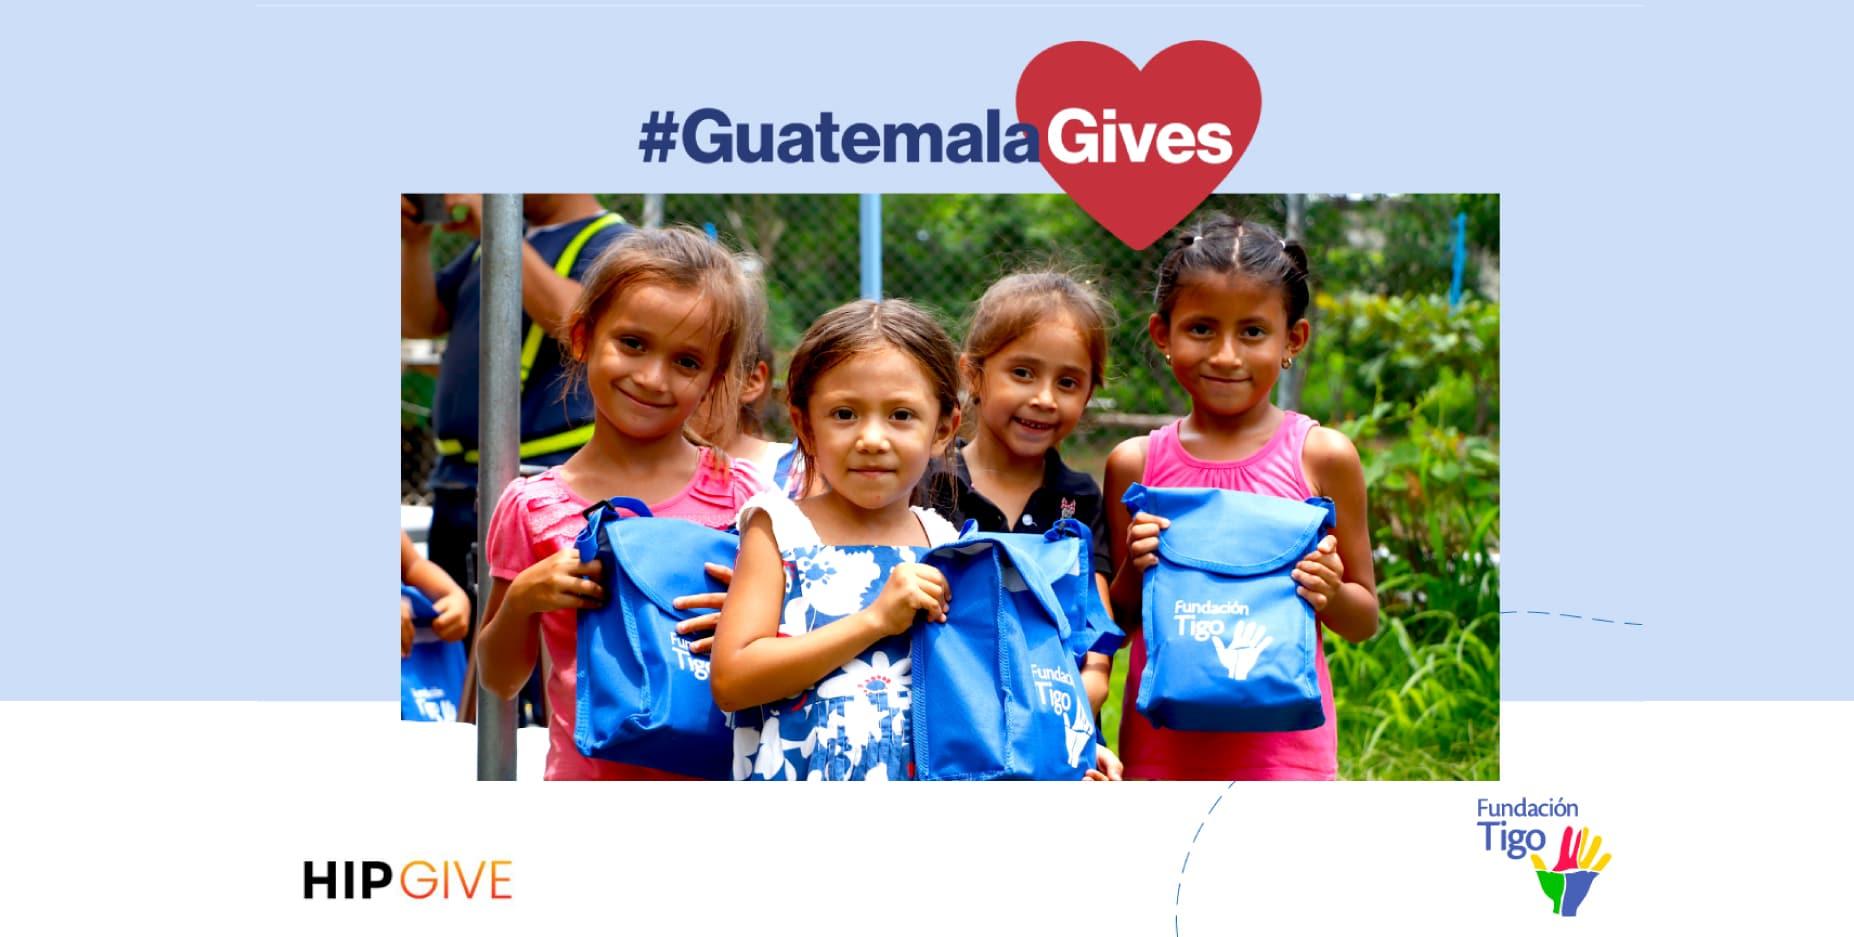 Por quinto año consecutivo, Fundación TIGO promueve #Guatemalagives